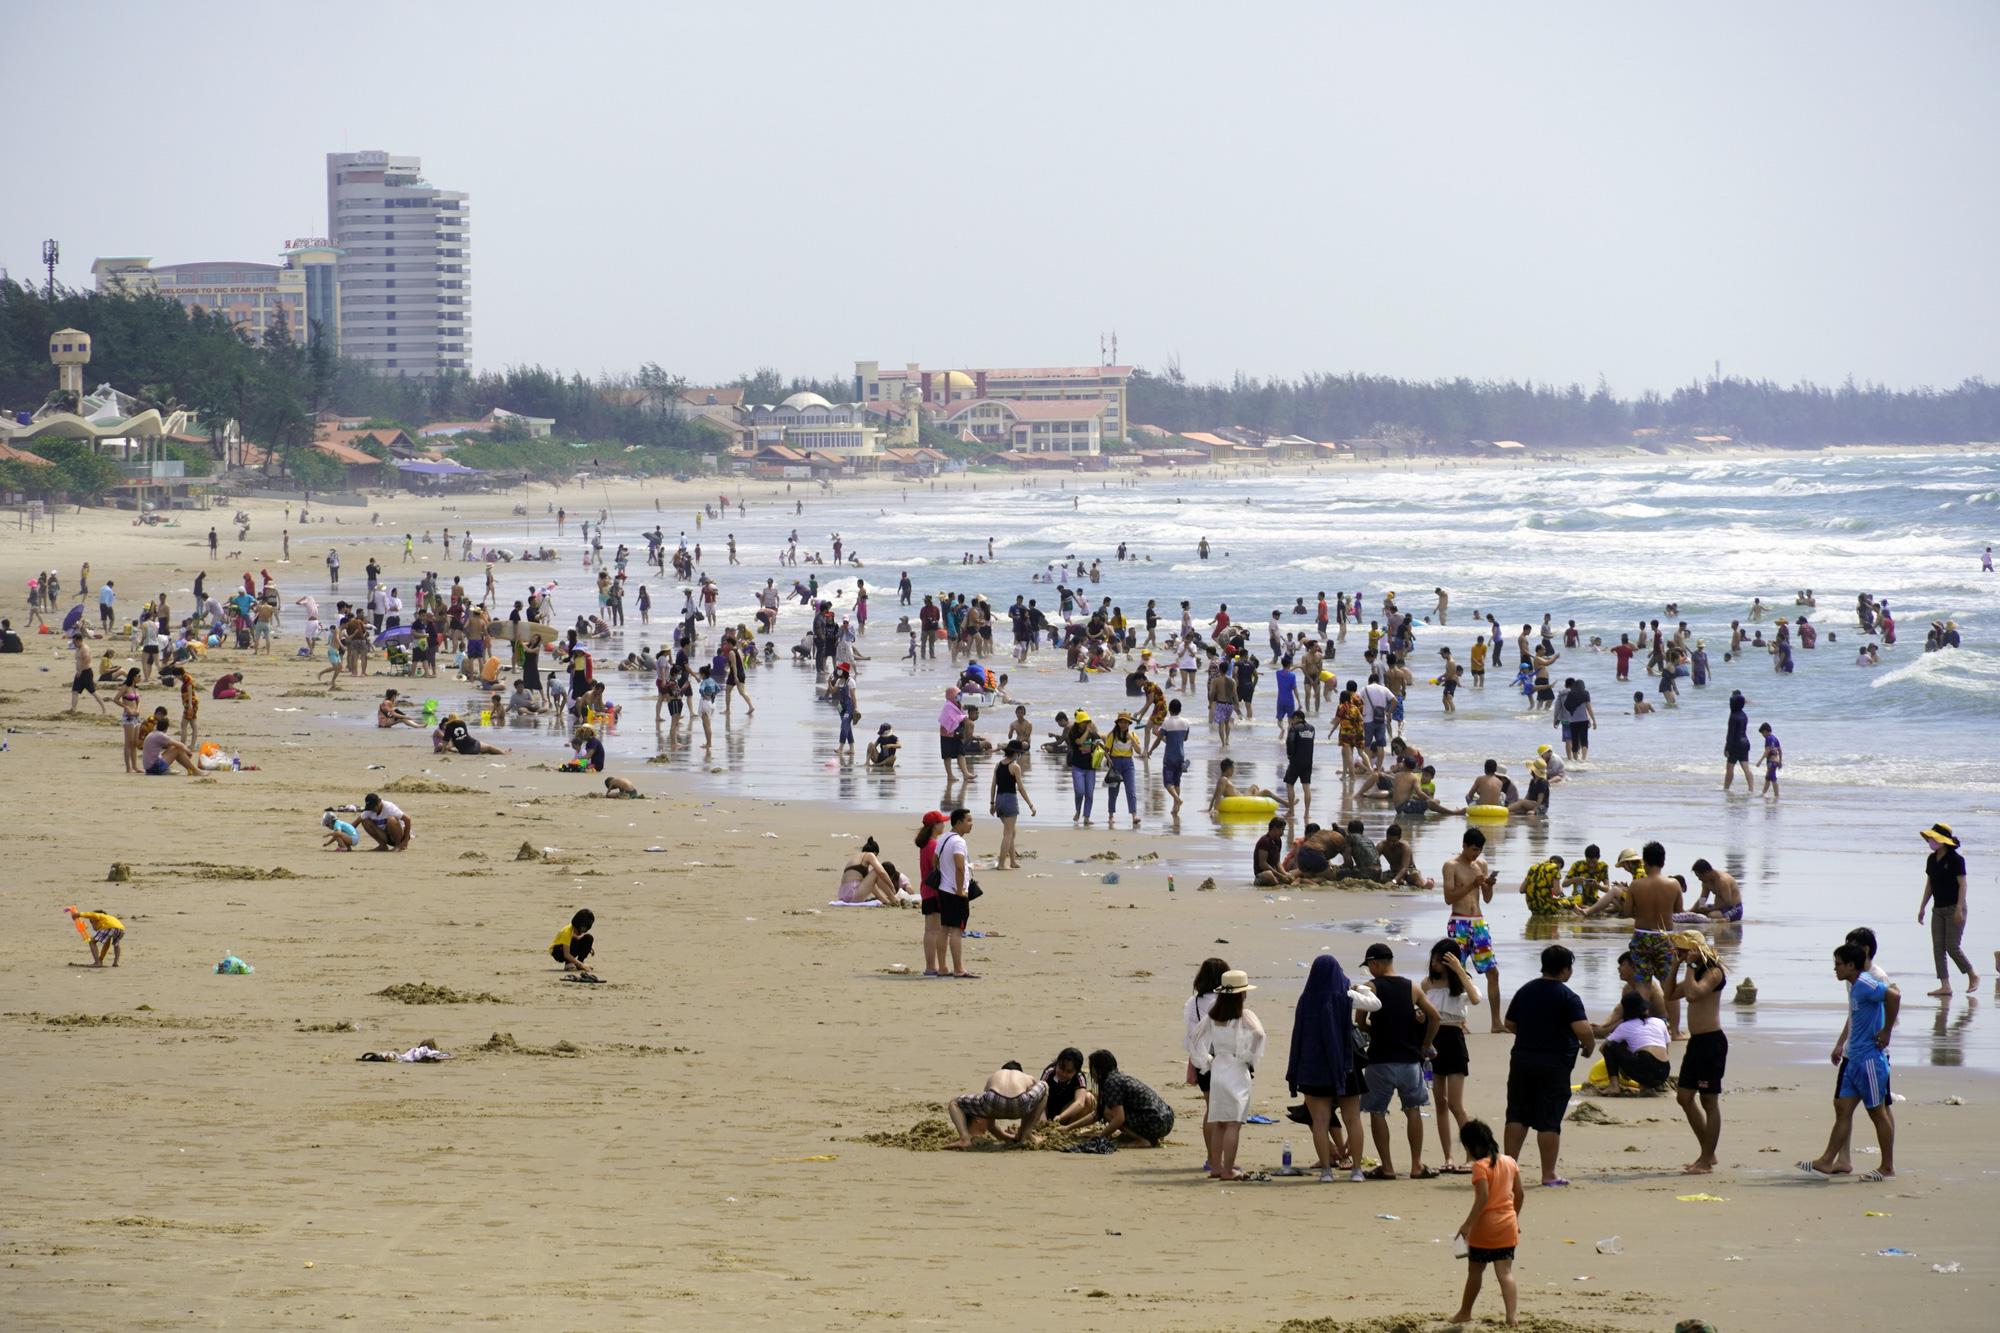 Vũng Tàu: Chưa dỡ lệnh cấm, hàng ngàn người vẫn trèo rào xuống tắm biển - Ảnh 2